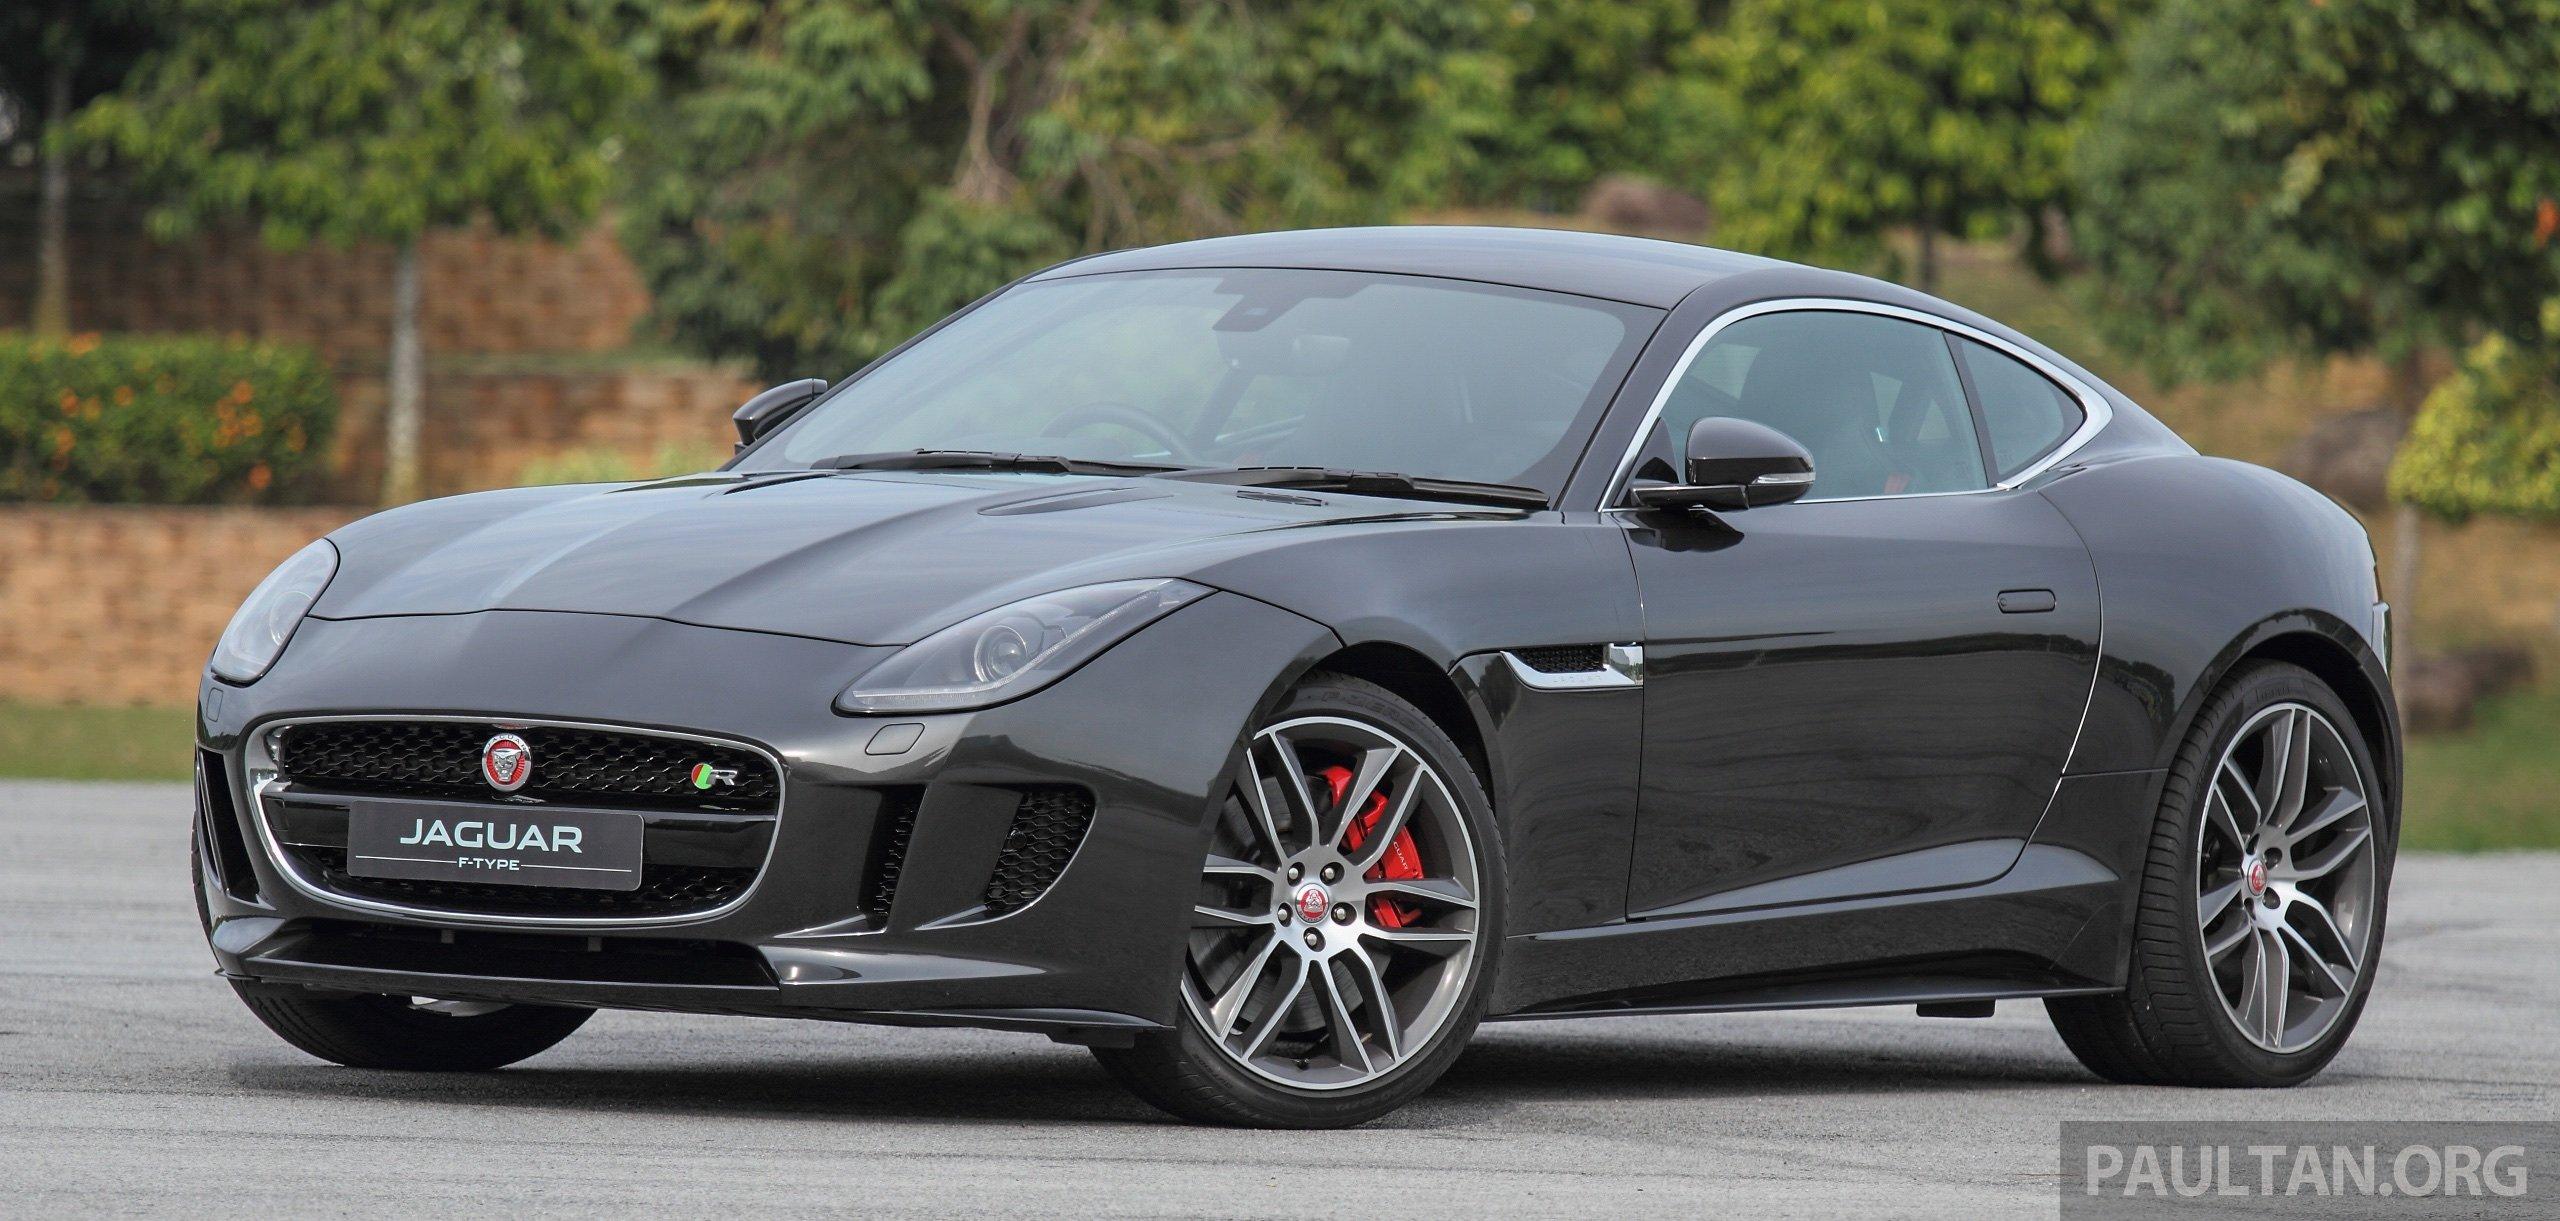 2018 Jaguar F Type >> GALLERY: Jaguar F-Type R – it's really good to be bad Paul Tan - Image 359659